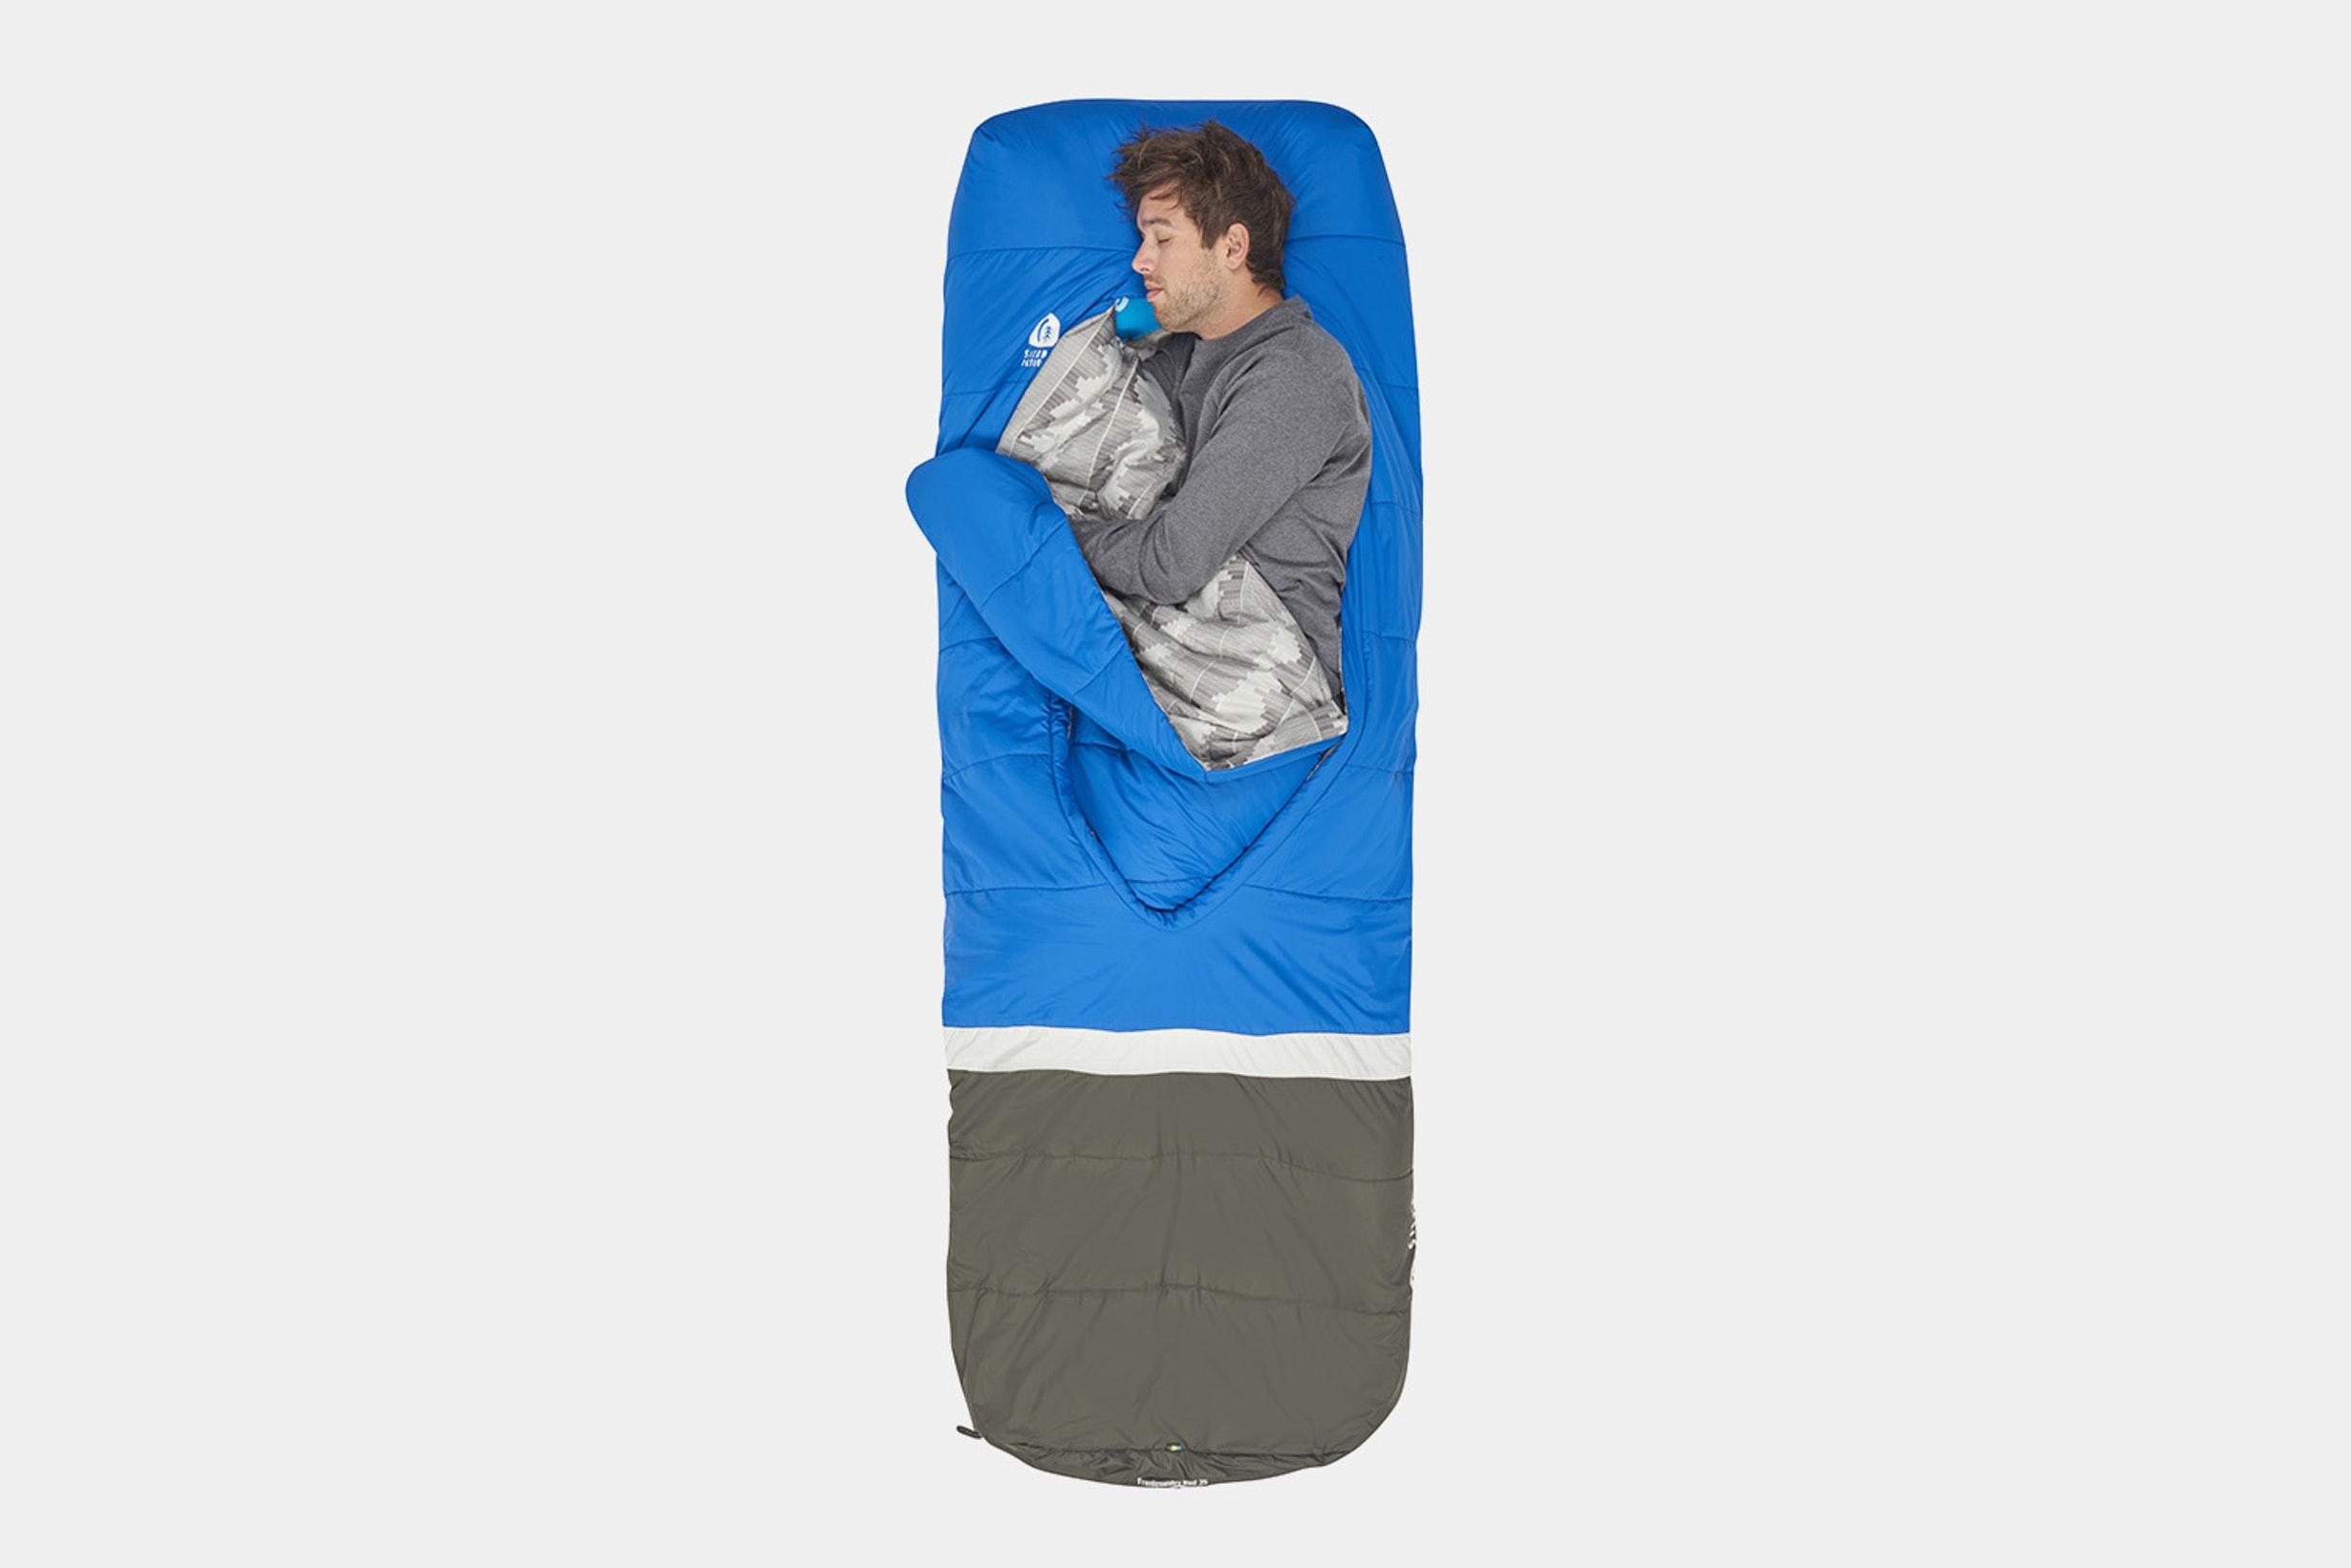 Sierra Designs Frontcountry Bed Sleeping Bag - $89